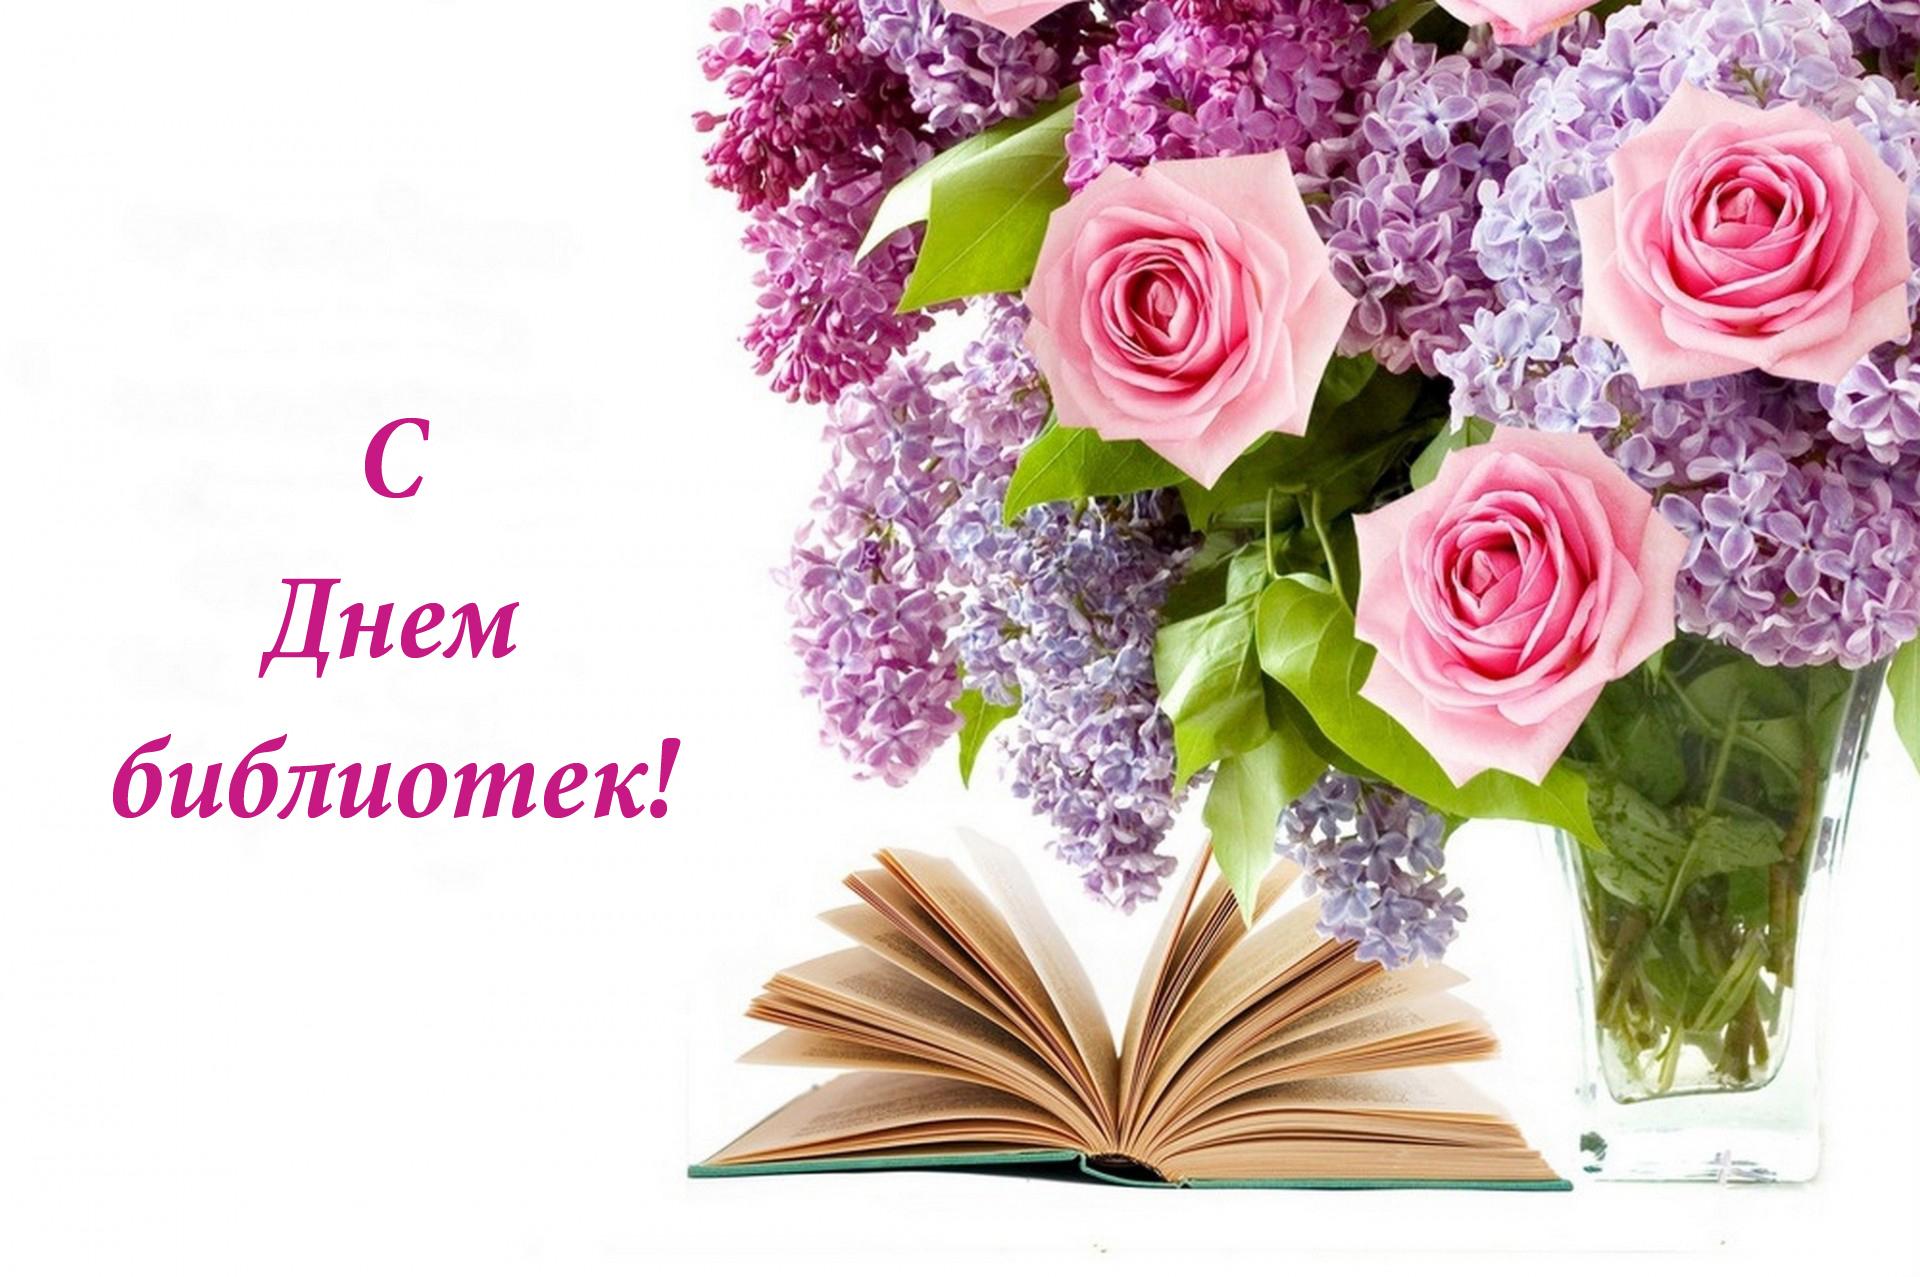 днях поздравление библиотекаря с юбилеем библиотеки жертвам